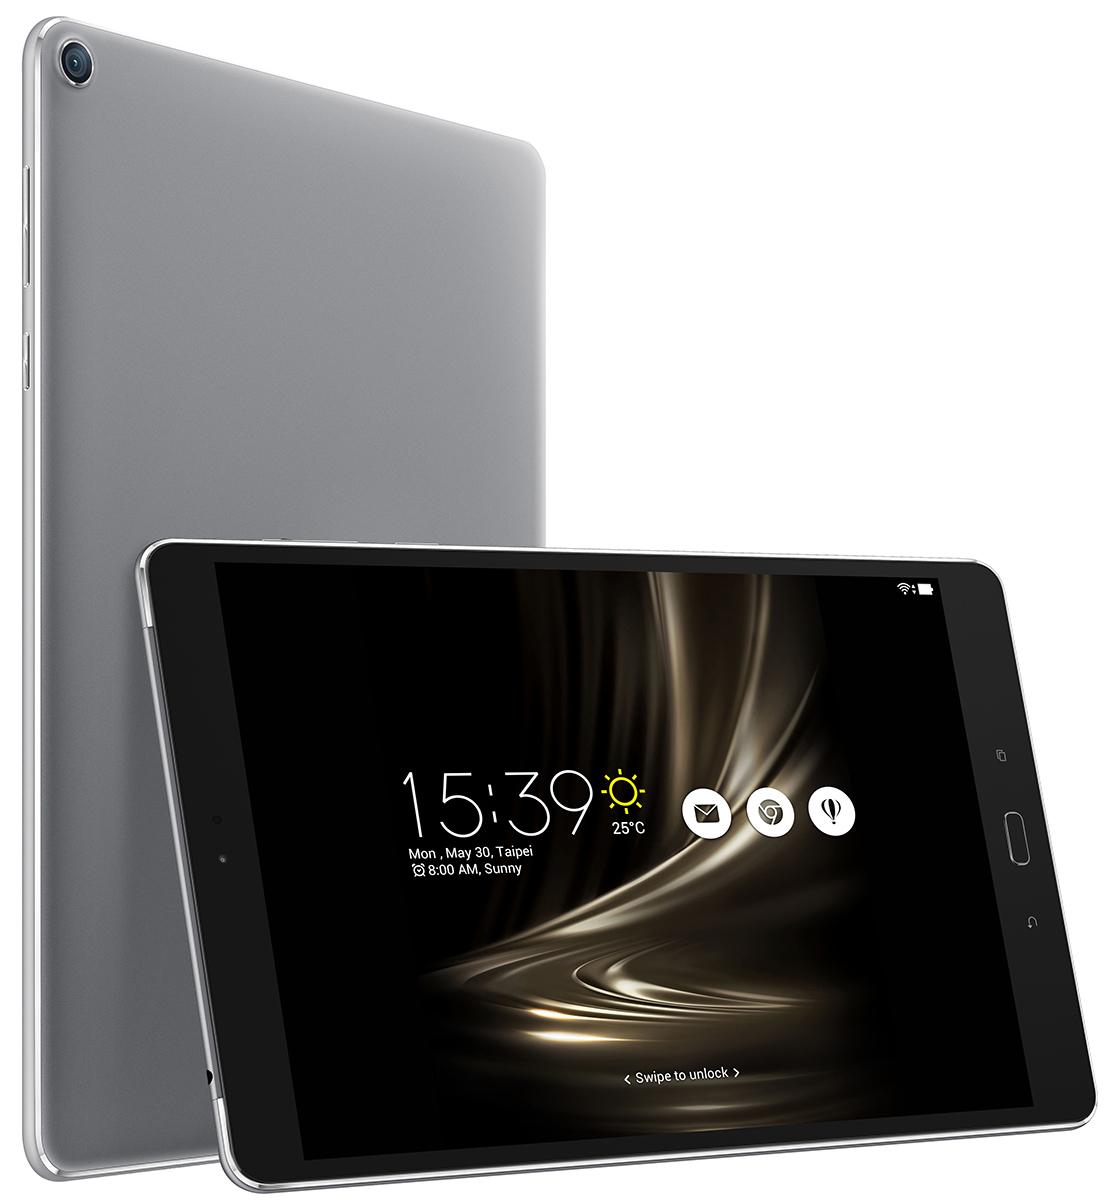 asus zenpad 3s 10 z500m full tablet specifications comparison